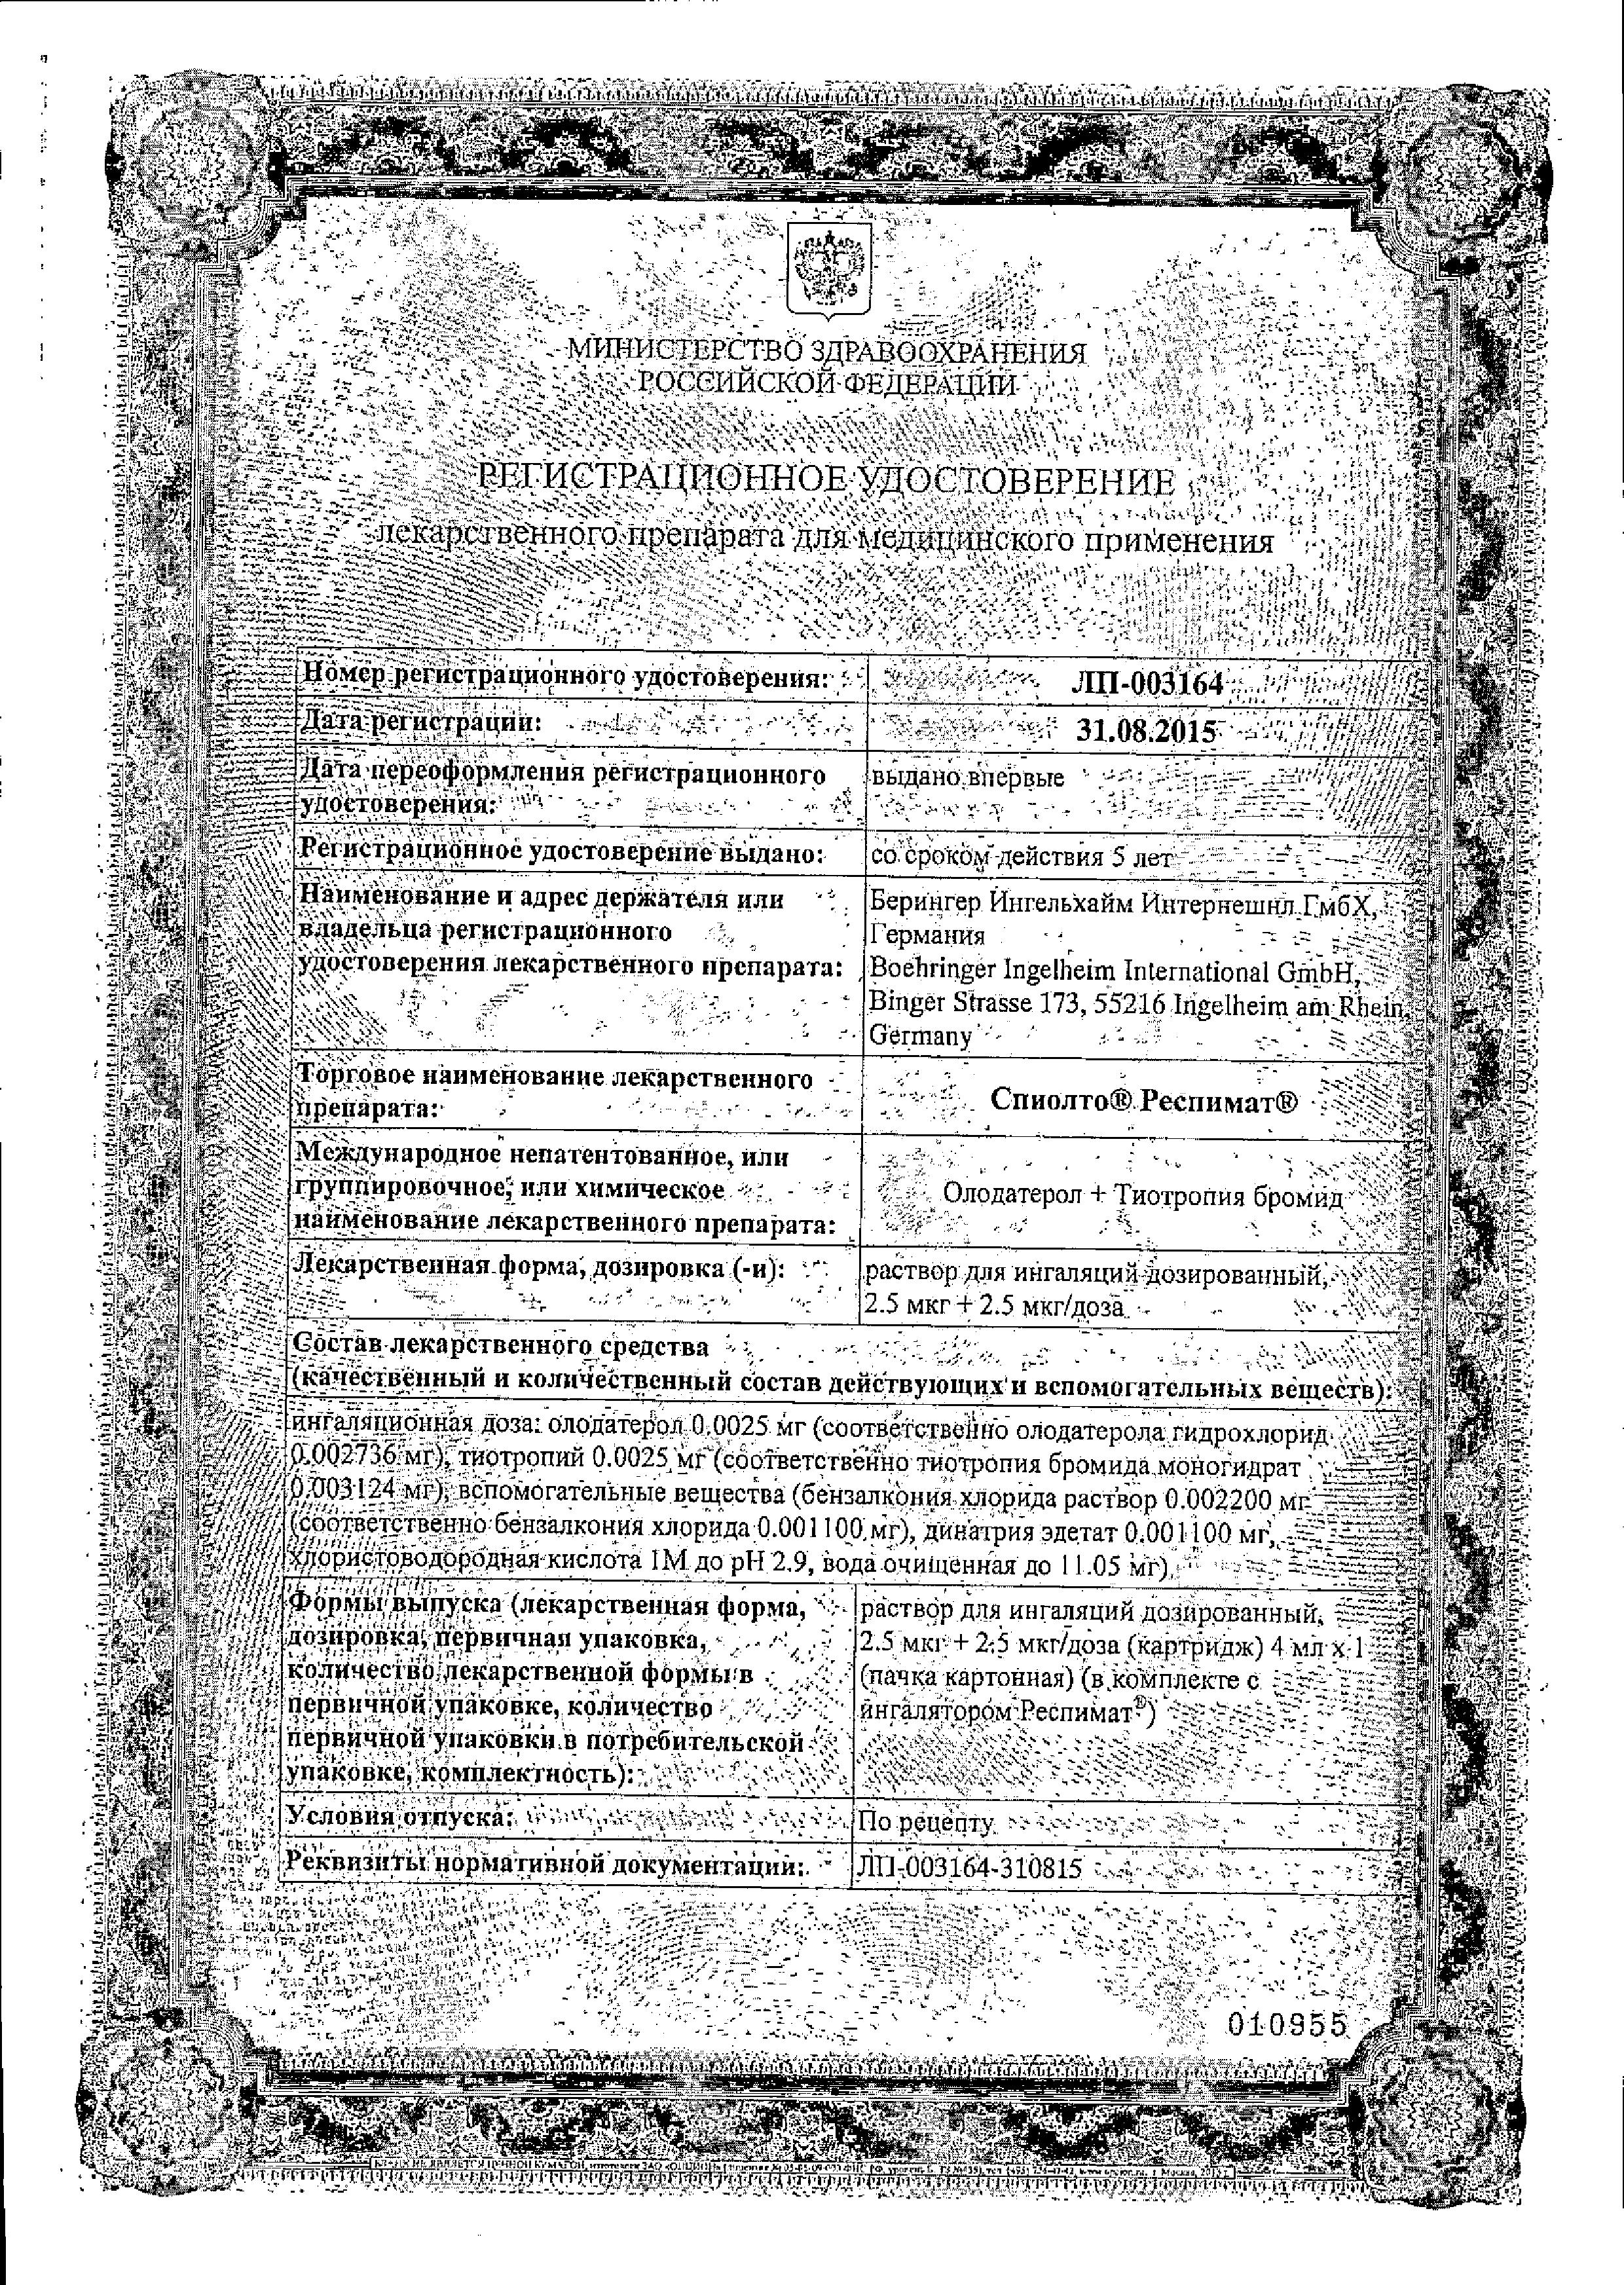 Спиолто Респимат сертификат